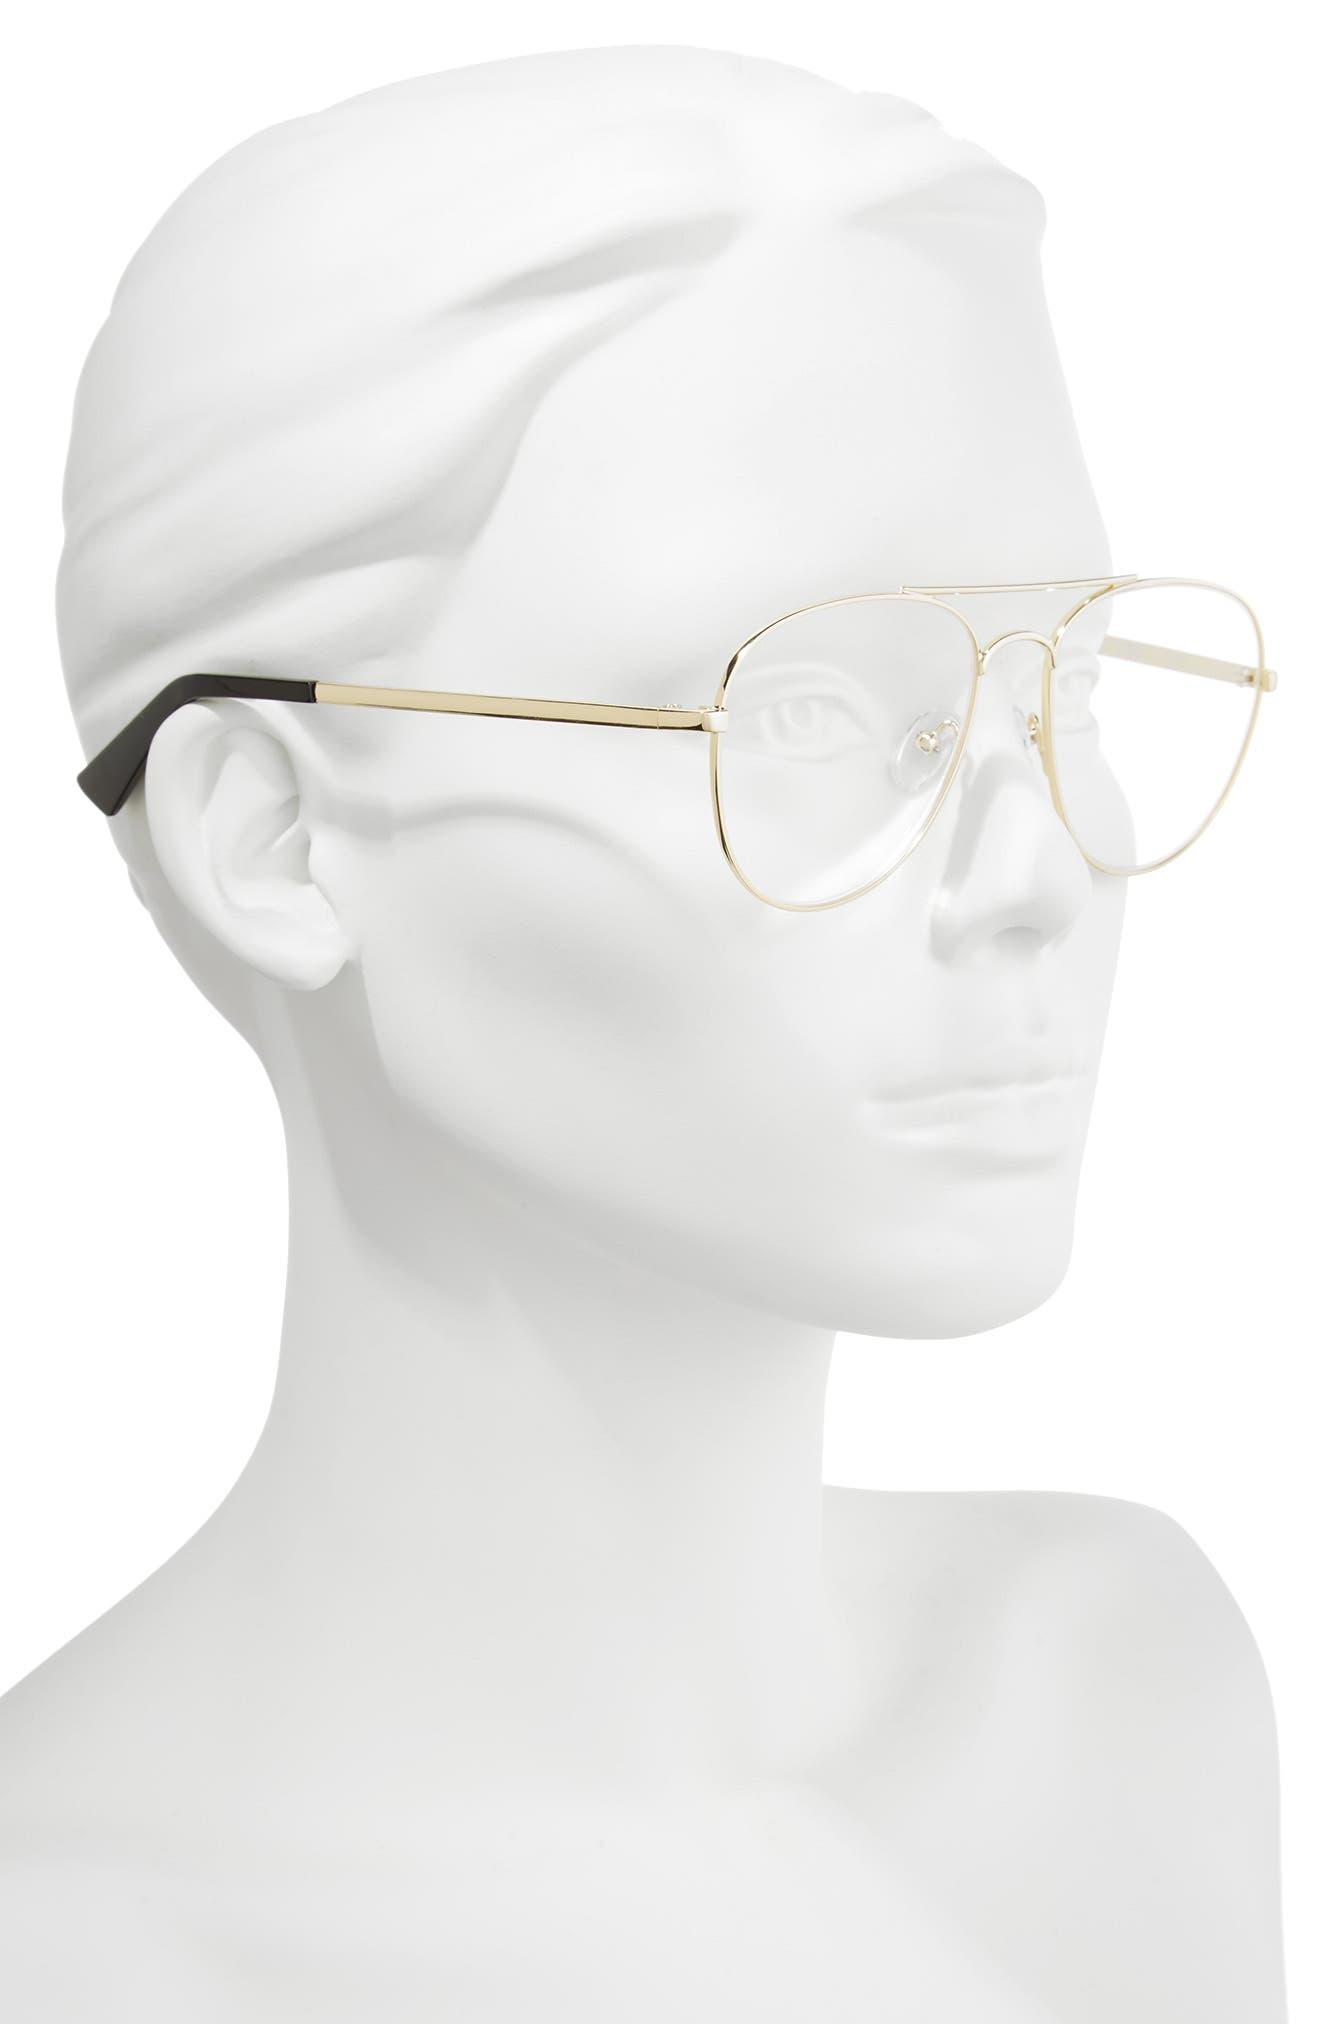 Hard Crimes 55mm Aviator Reading Glasses,                             Alternate thumbnail 2, color,                             Gold/ Black Marker